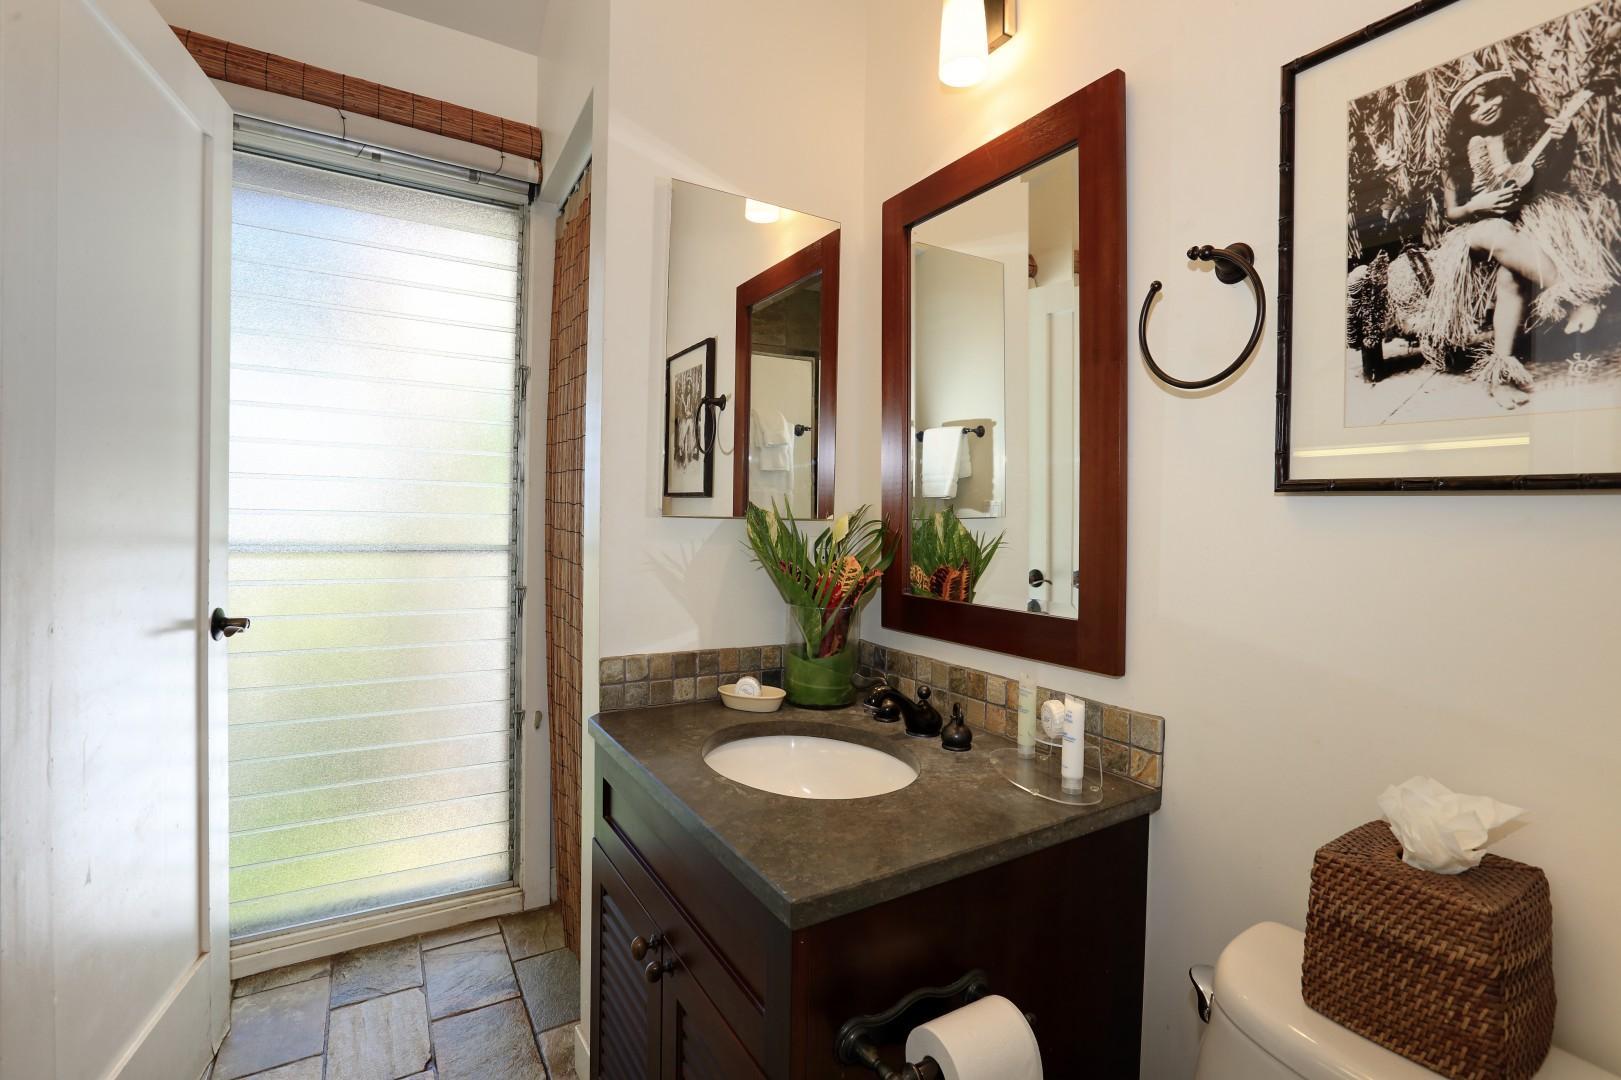 Lots of natural light in this Hawaiiana charmed bathroom